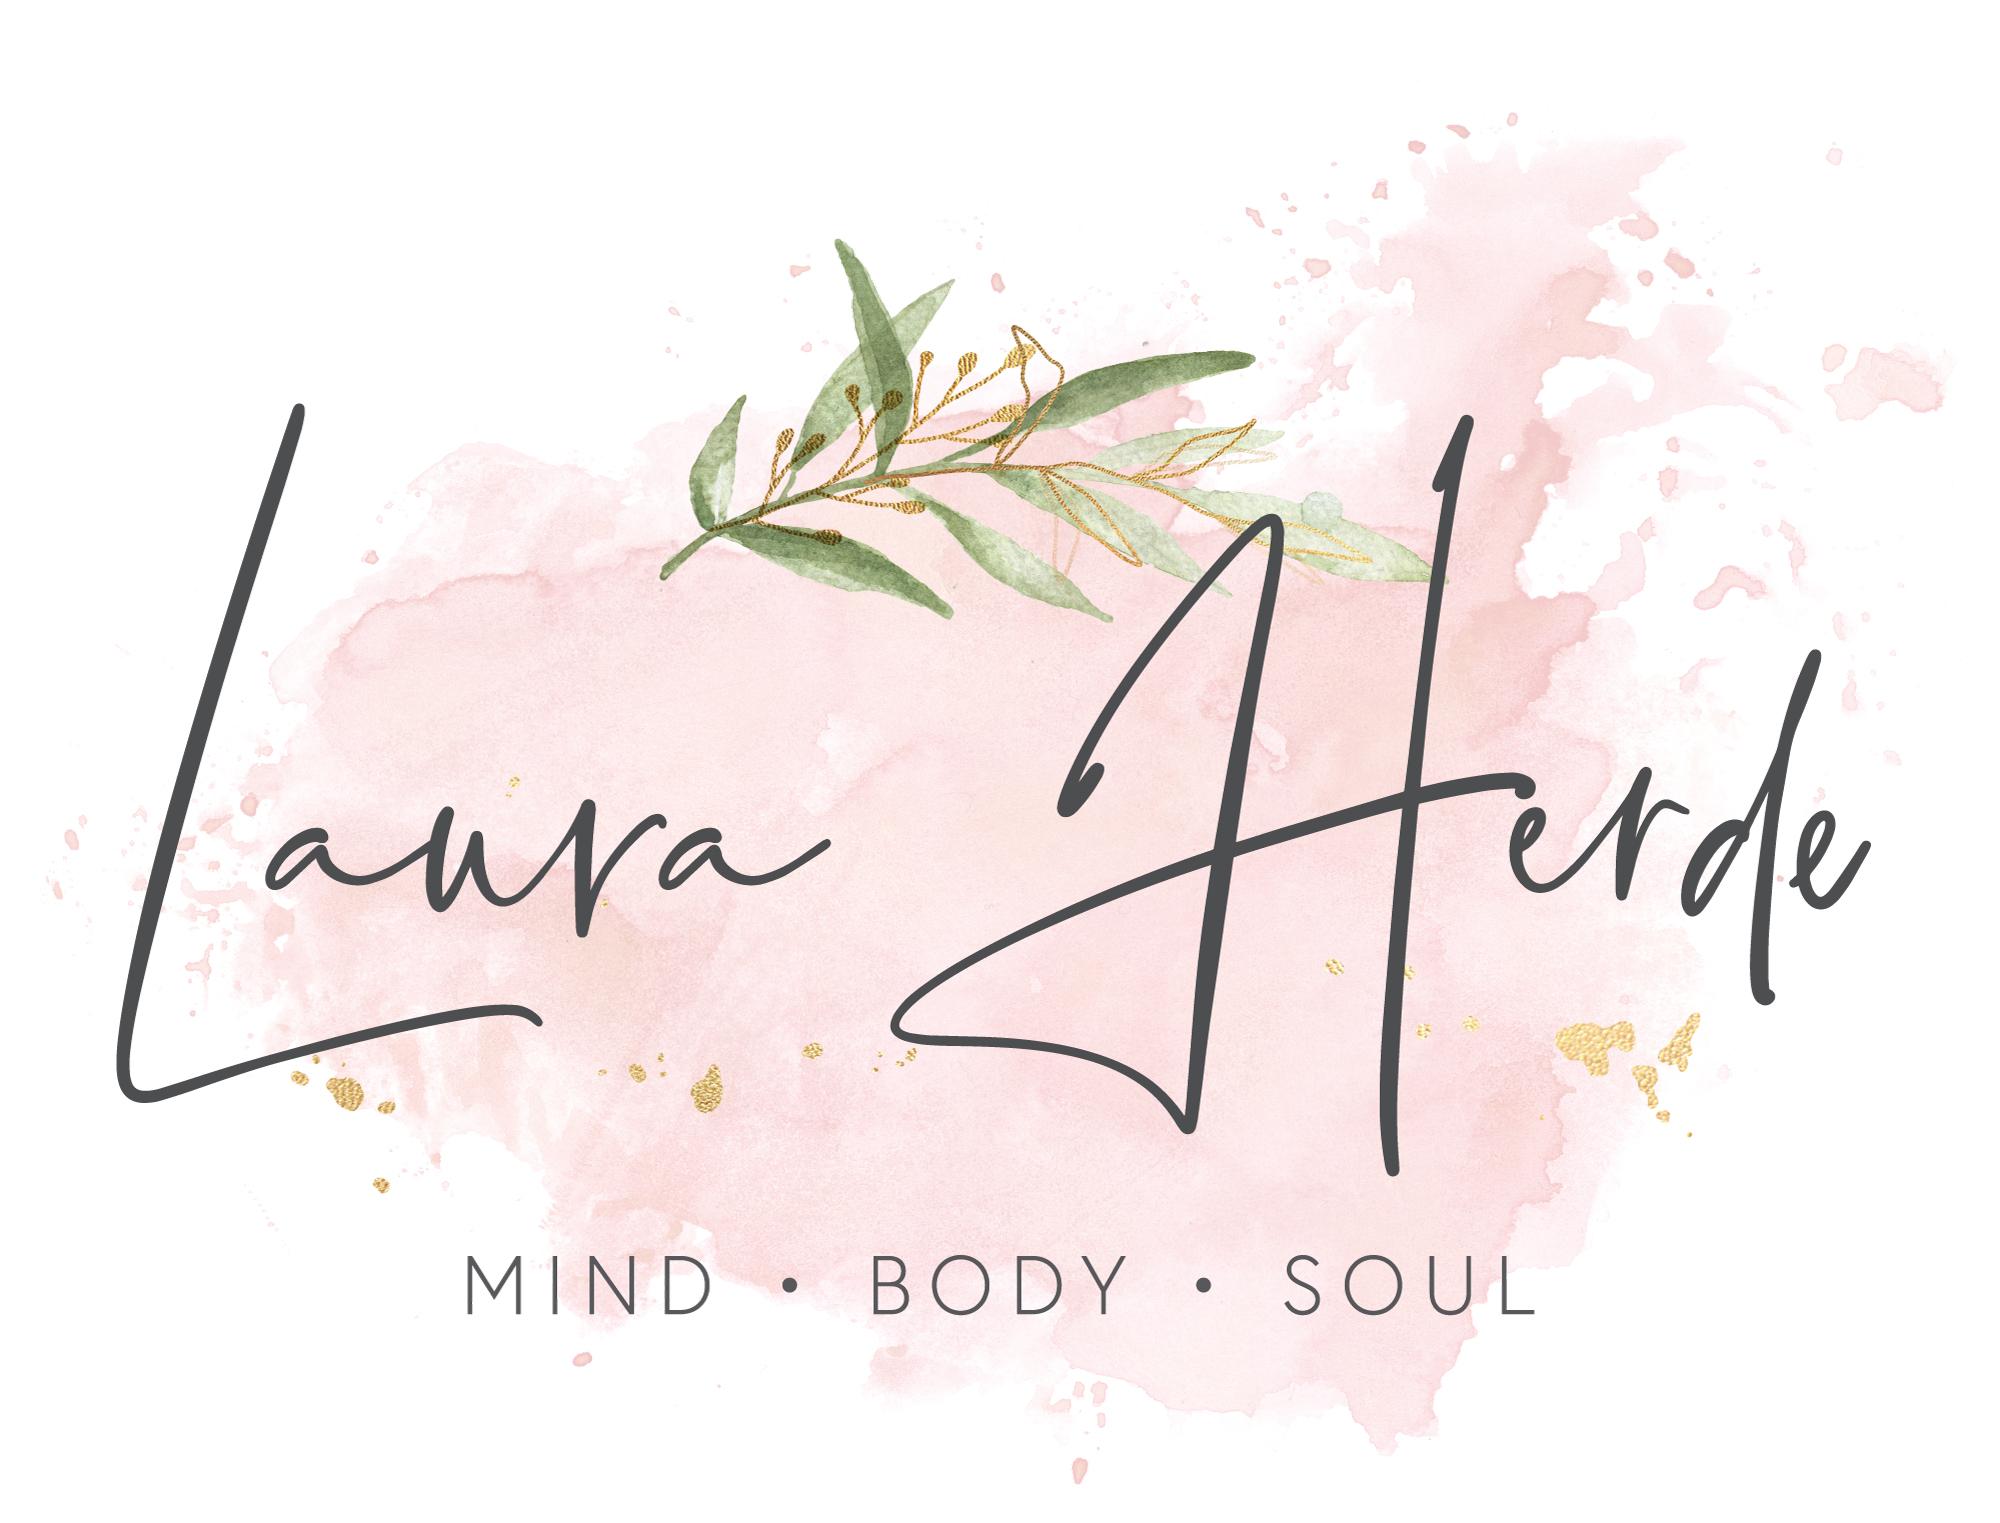 Laura-Herde-Logo.jpg